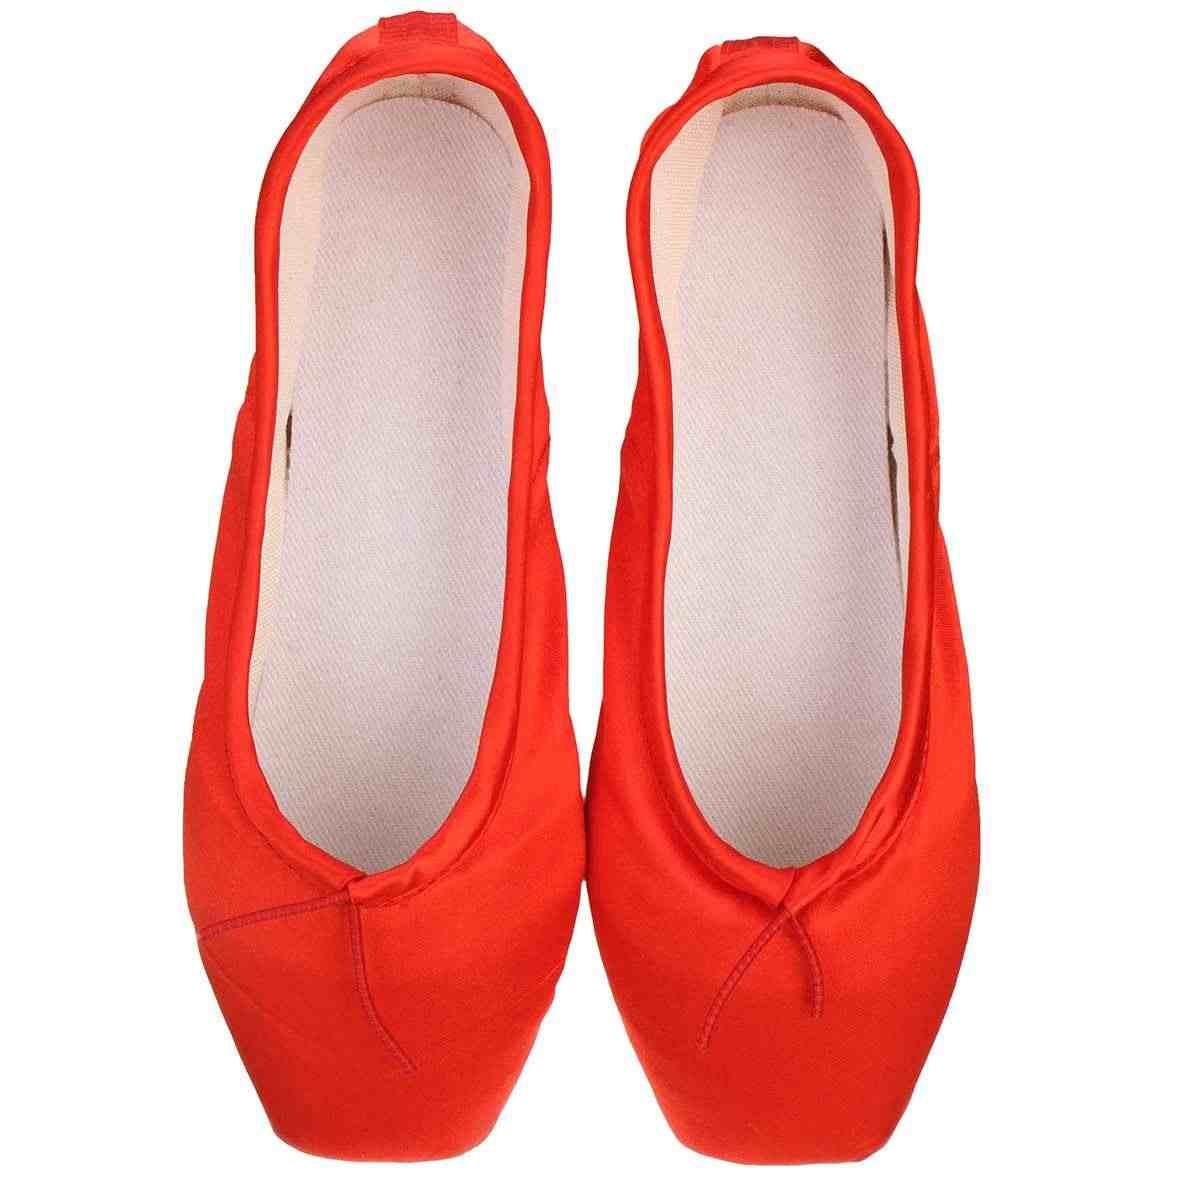 ผู้หญิง Professional บัลเล่ต์เต้นรำรองเท้าชี้ Toe ซาตินรองเท้าเต้นรำบัลเล่ต์เด็กผู้ใหญ่สุภาพสตรีริบบิ้นบัลเล่ต์รองเท้า